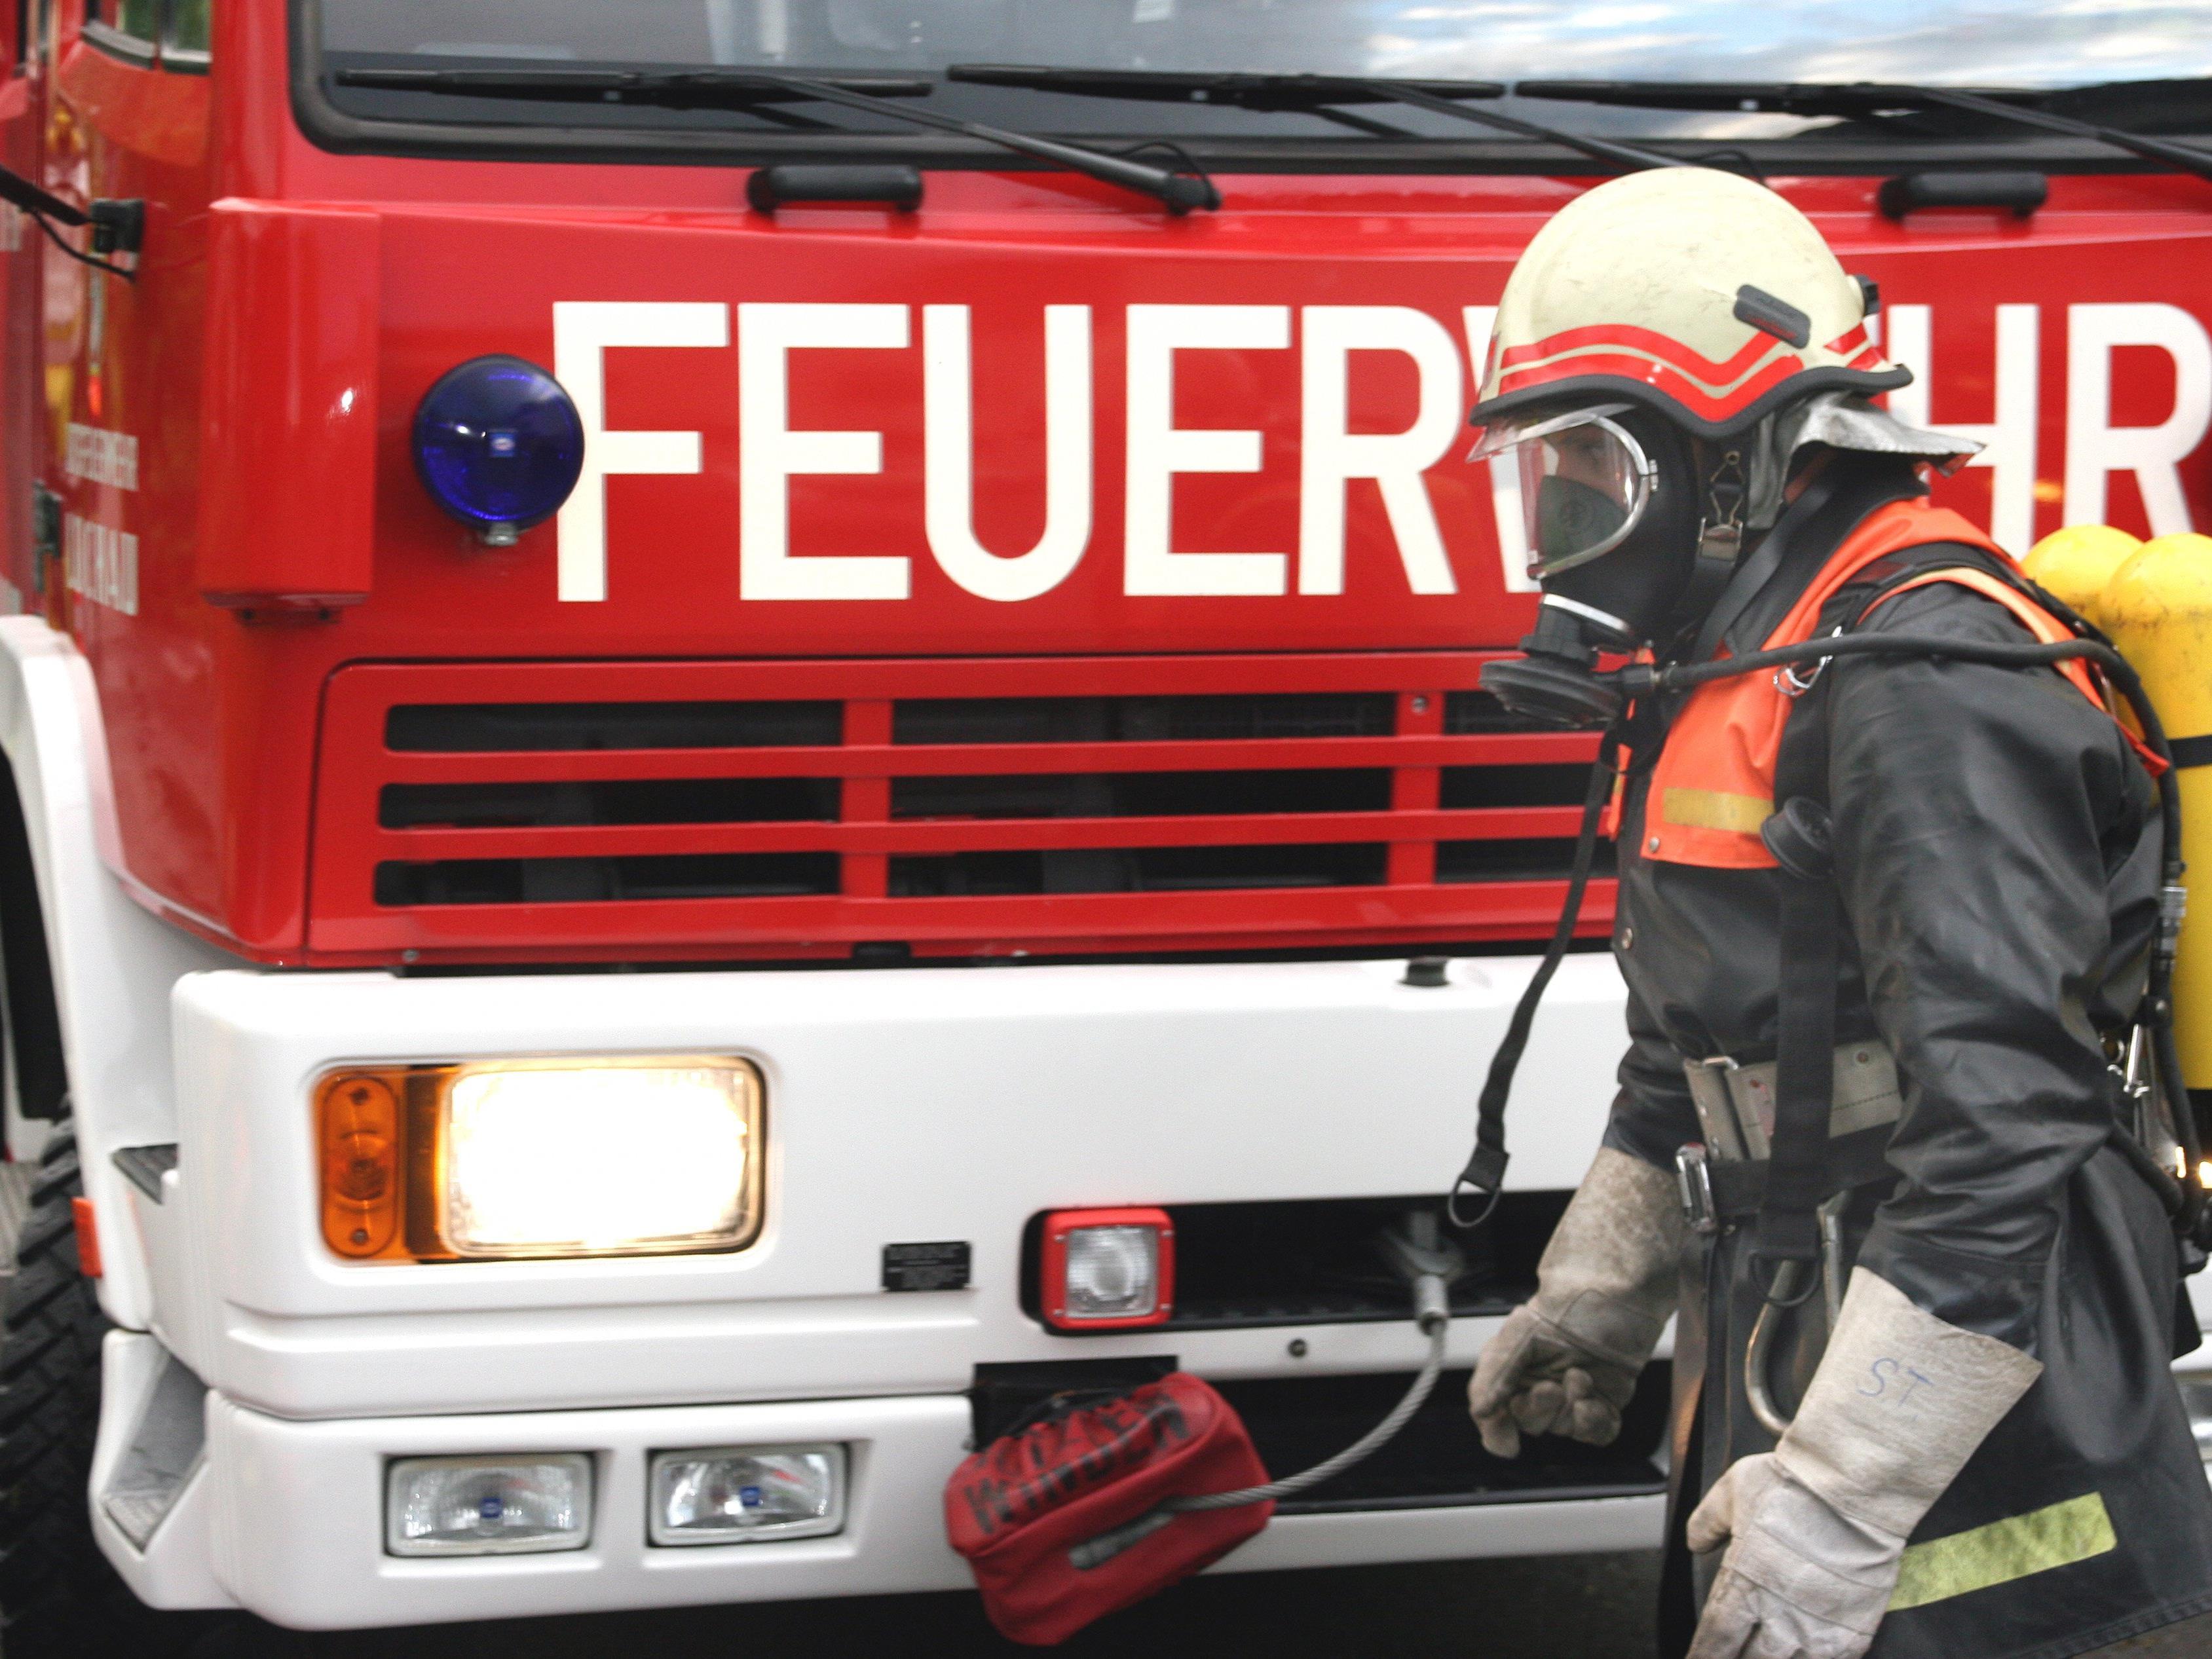 Vorarlberger Rettungsfonds ist zentrales Finanzierungsinstrument für die heimischen Hilfs- und Rettungsdienste.